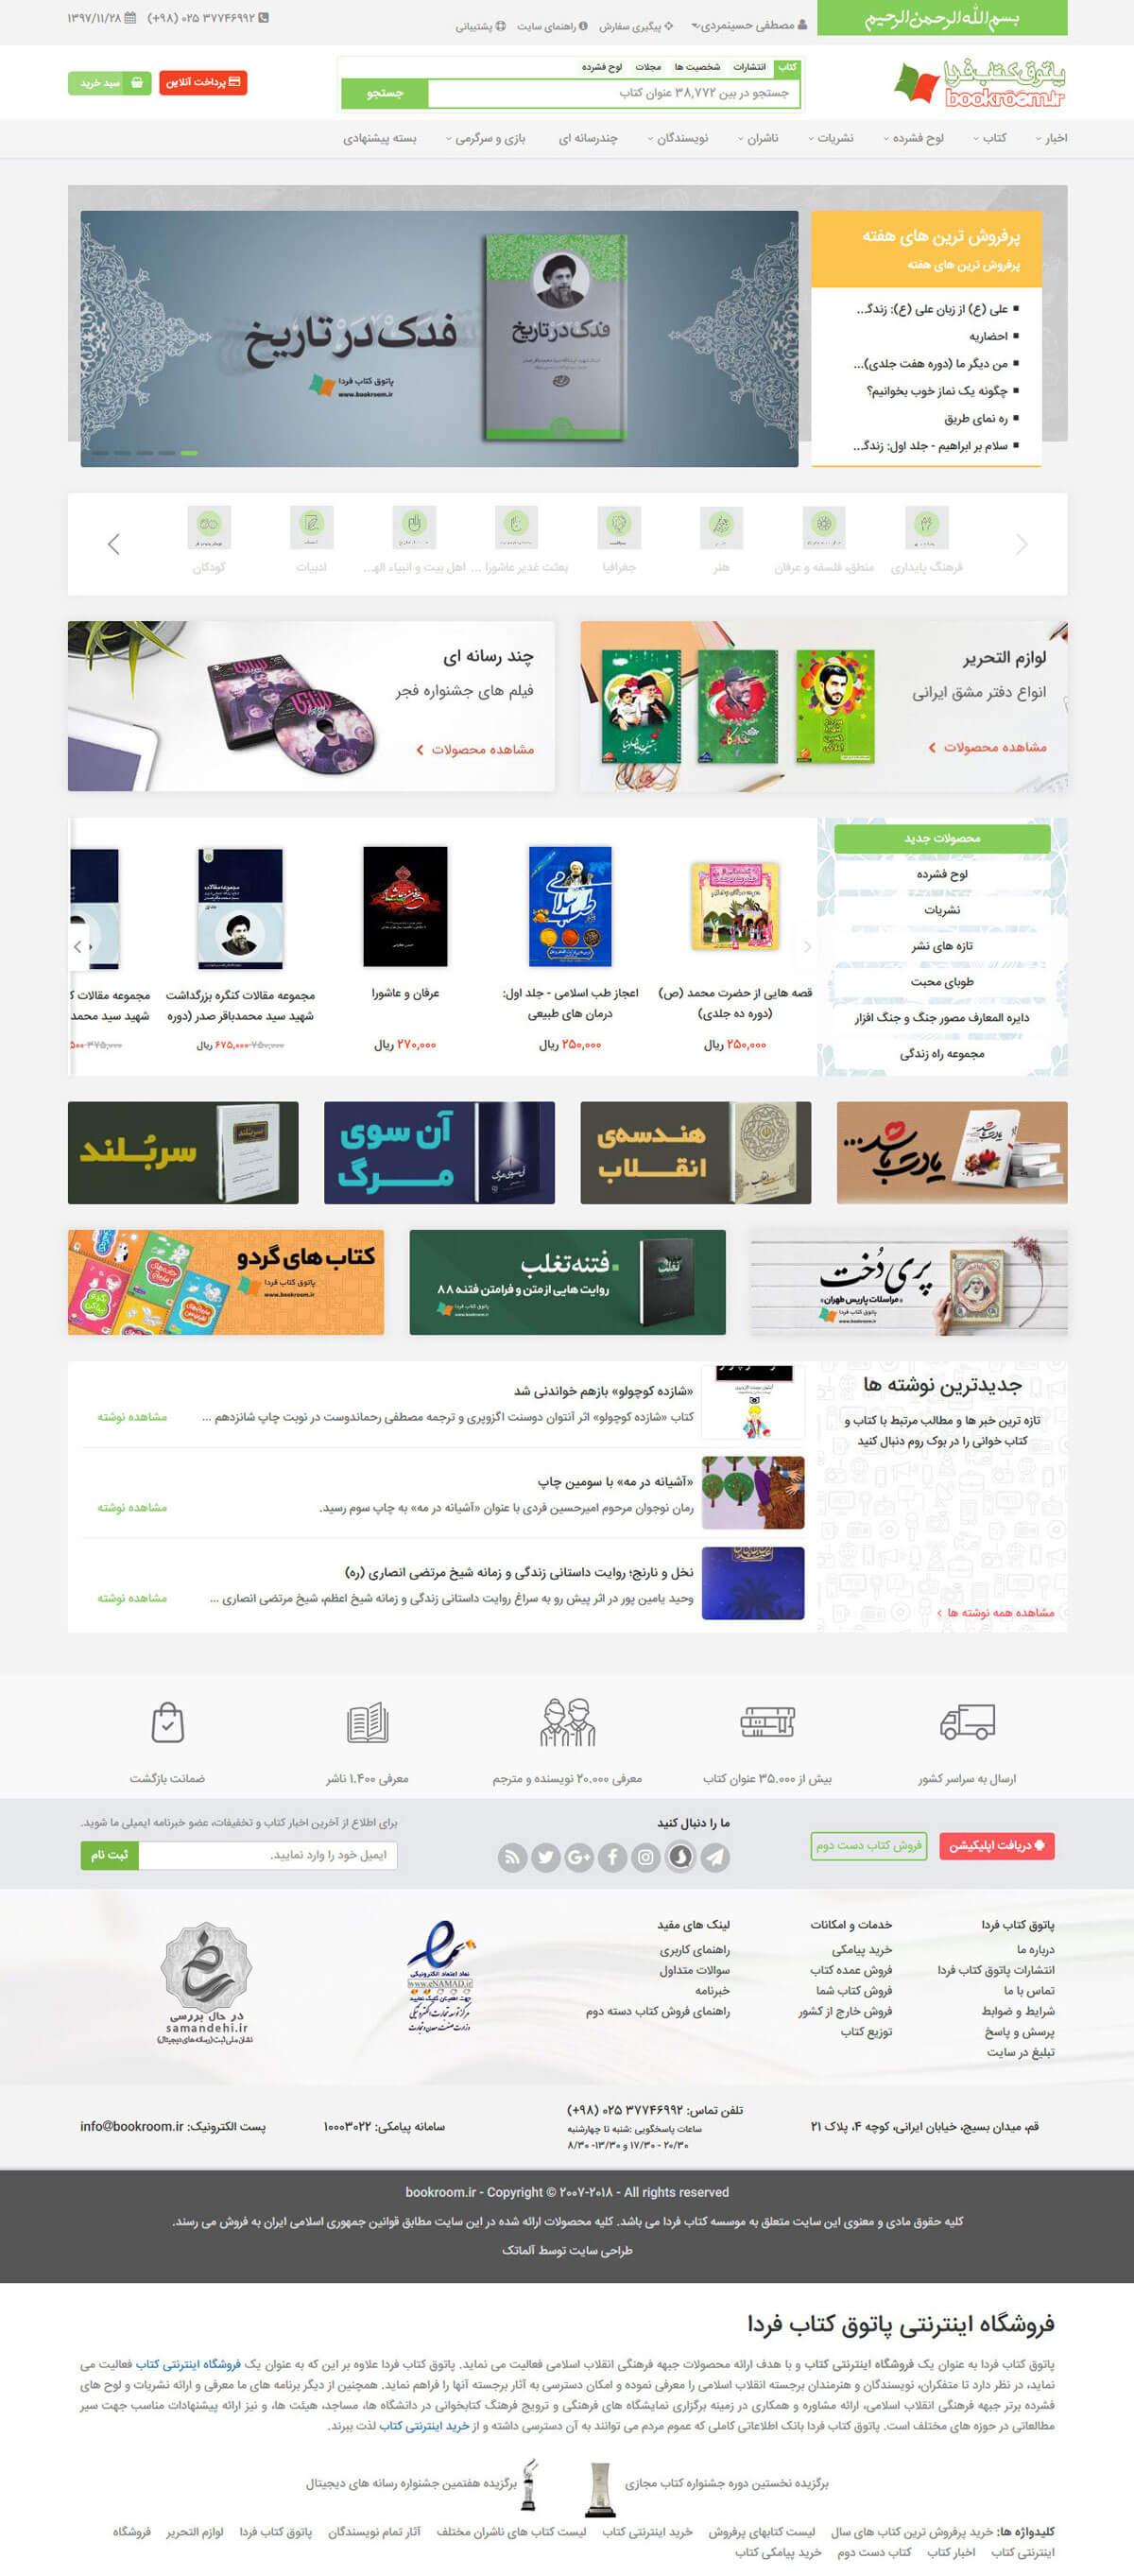 طراحی سایت فروشگاهی بوک روم